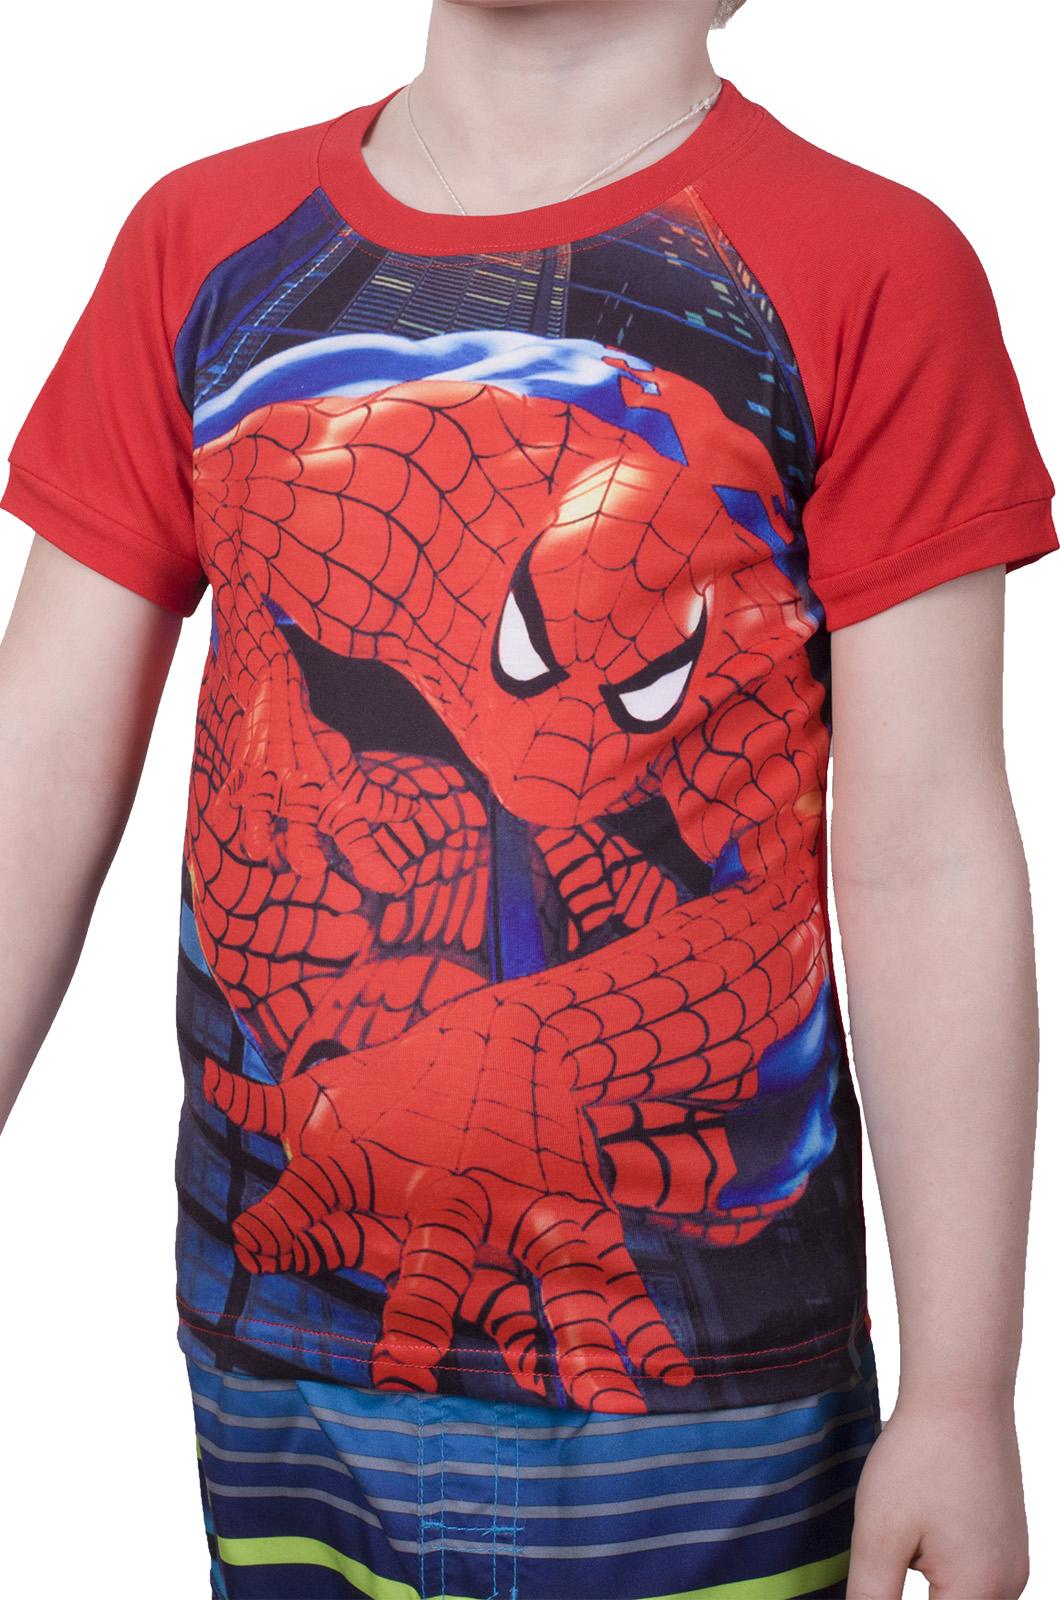 Заказать футболку для мальчика с Человеком Пауком